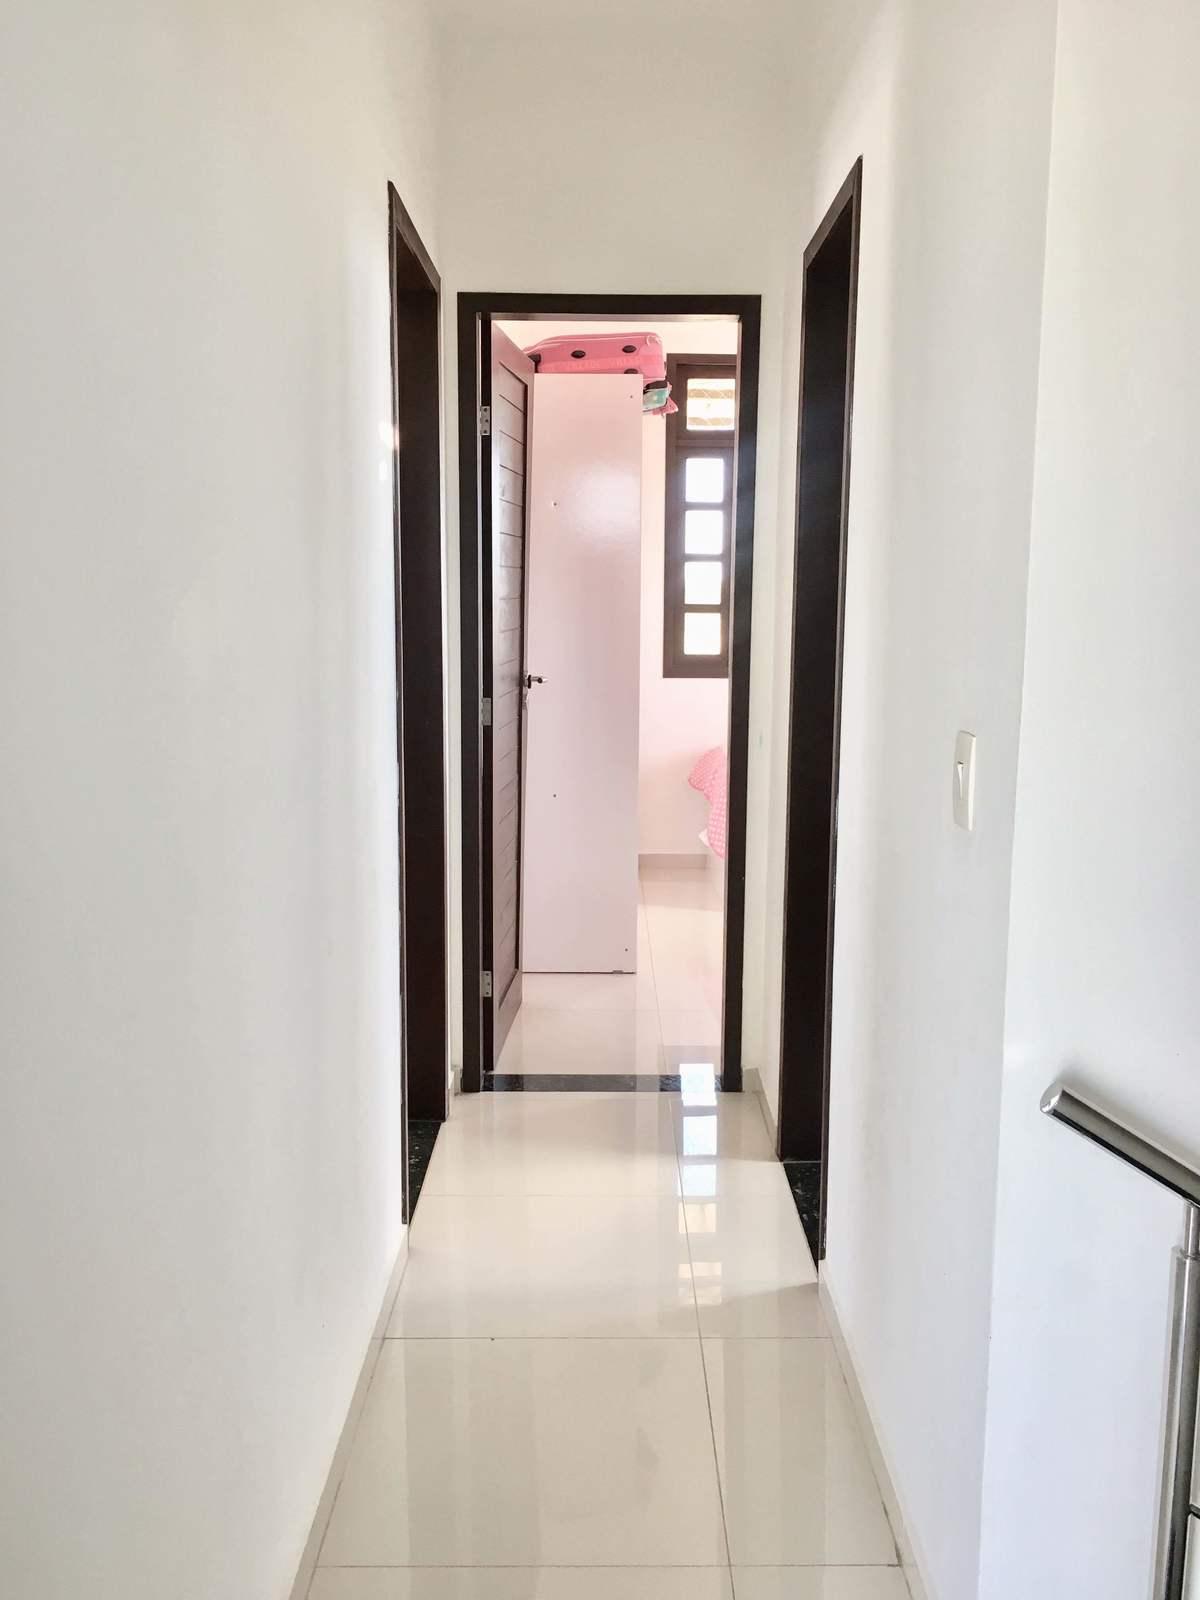 14 de 25: Corredor de acesso aos quartos e banheiro social